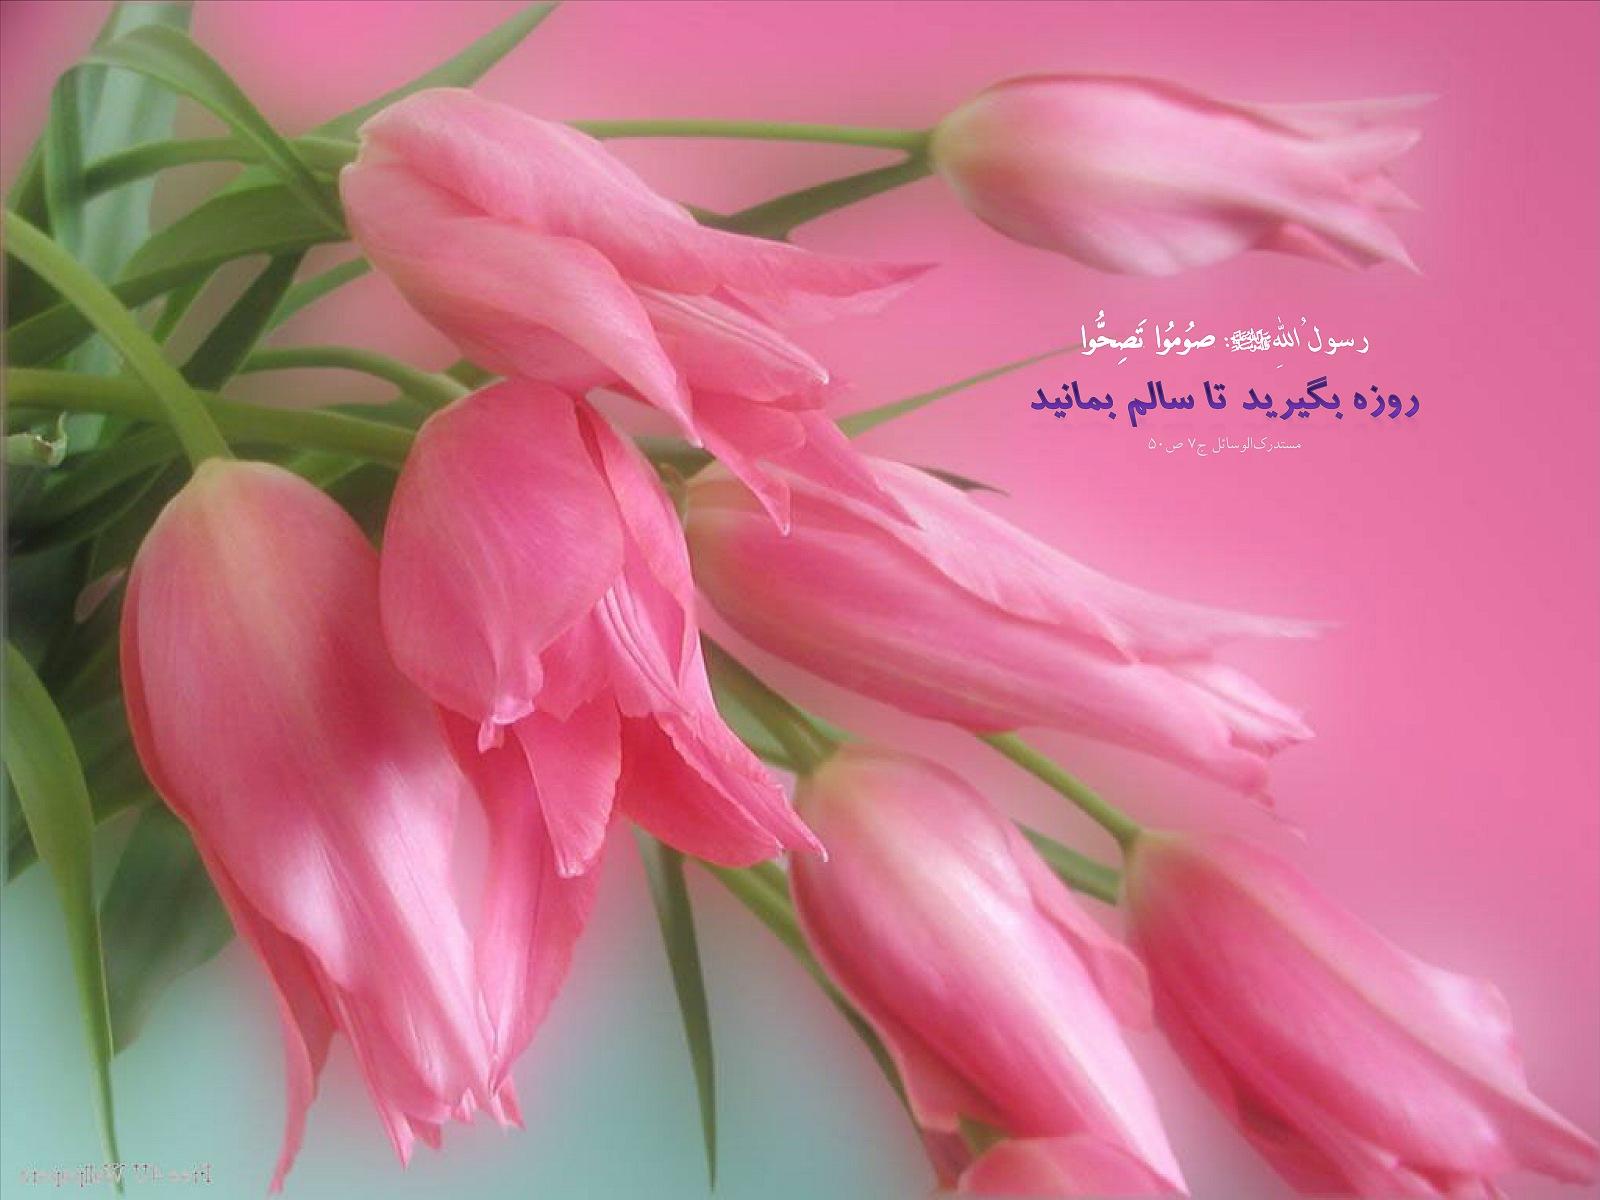 http://mhkh1972.gohardasht.com/uploaded/_F1C858A2-02D4-46EF-AF87-AC32F5331AEF_.jpg